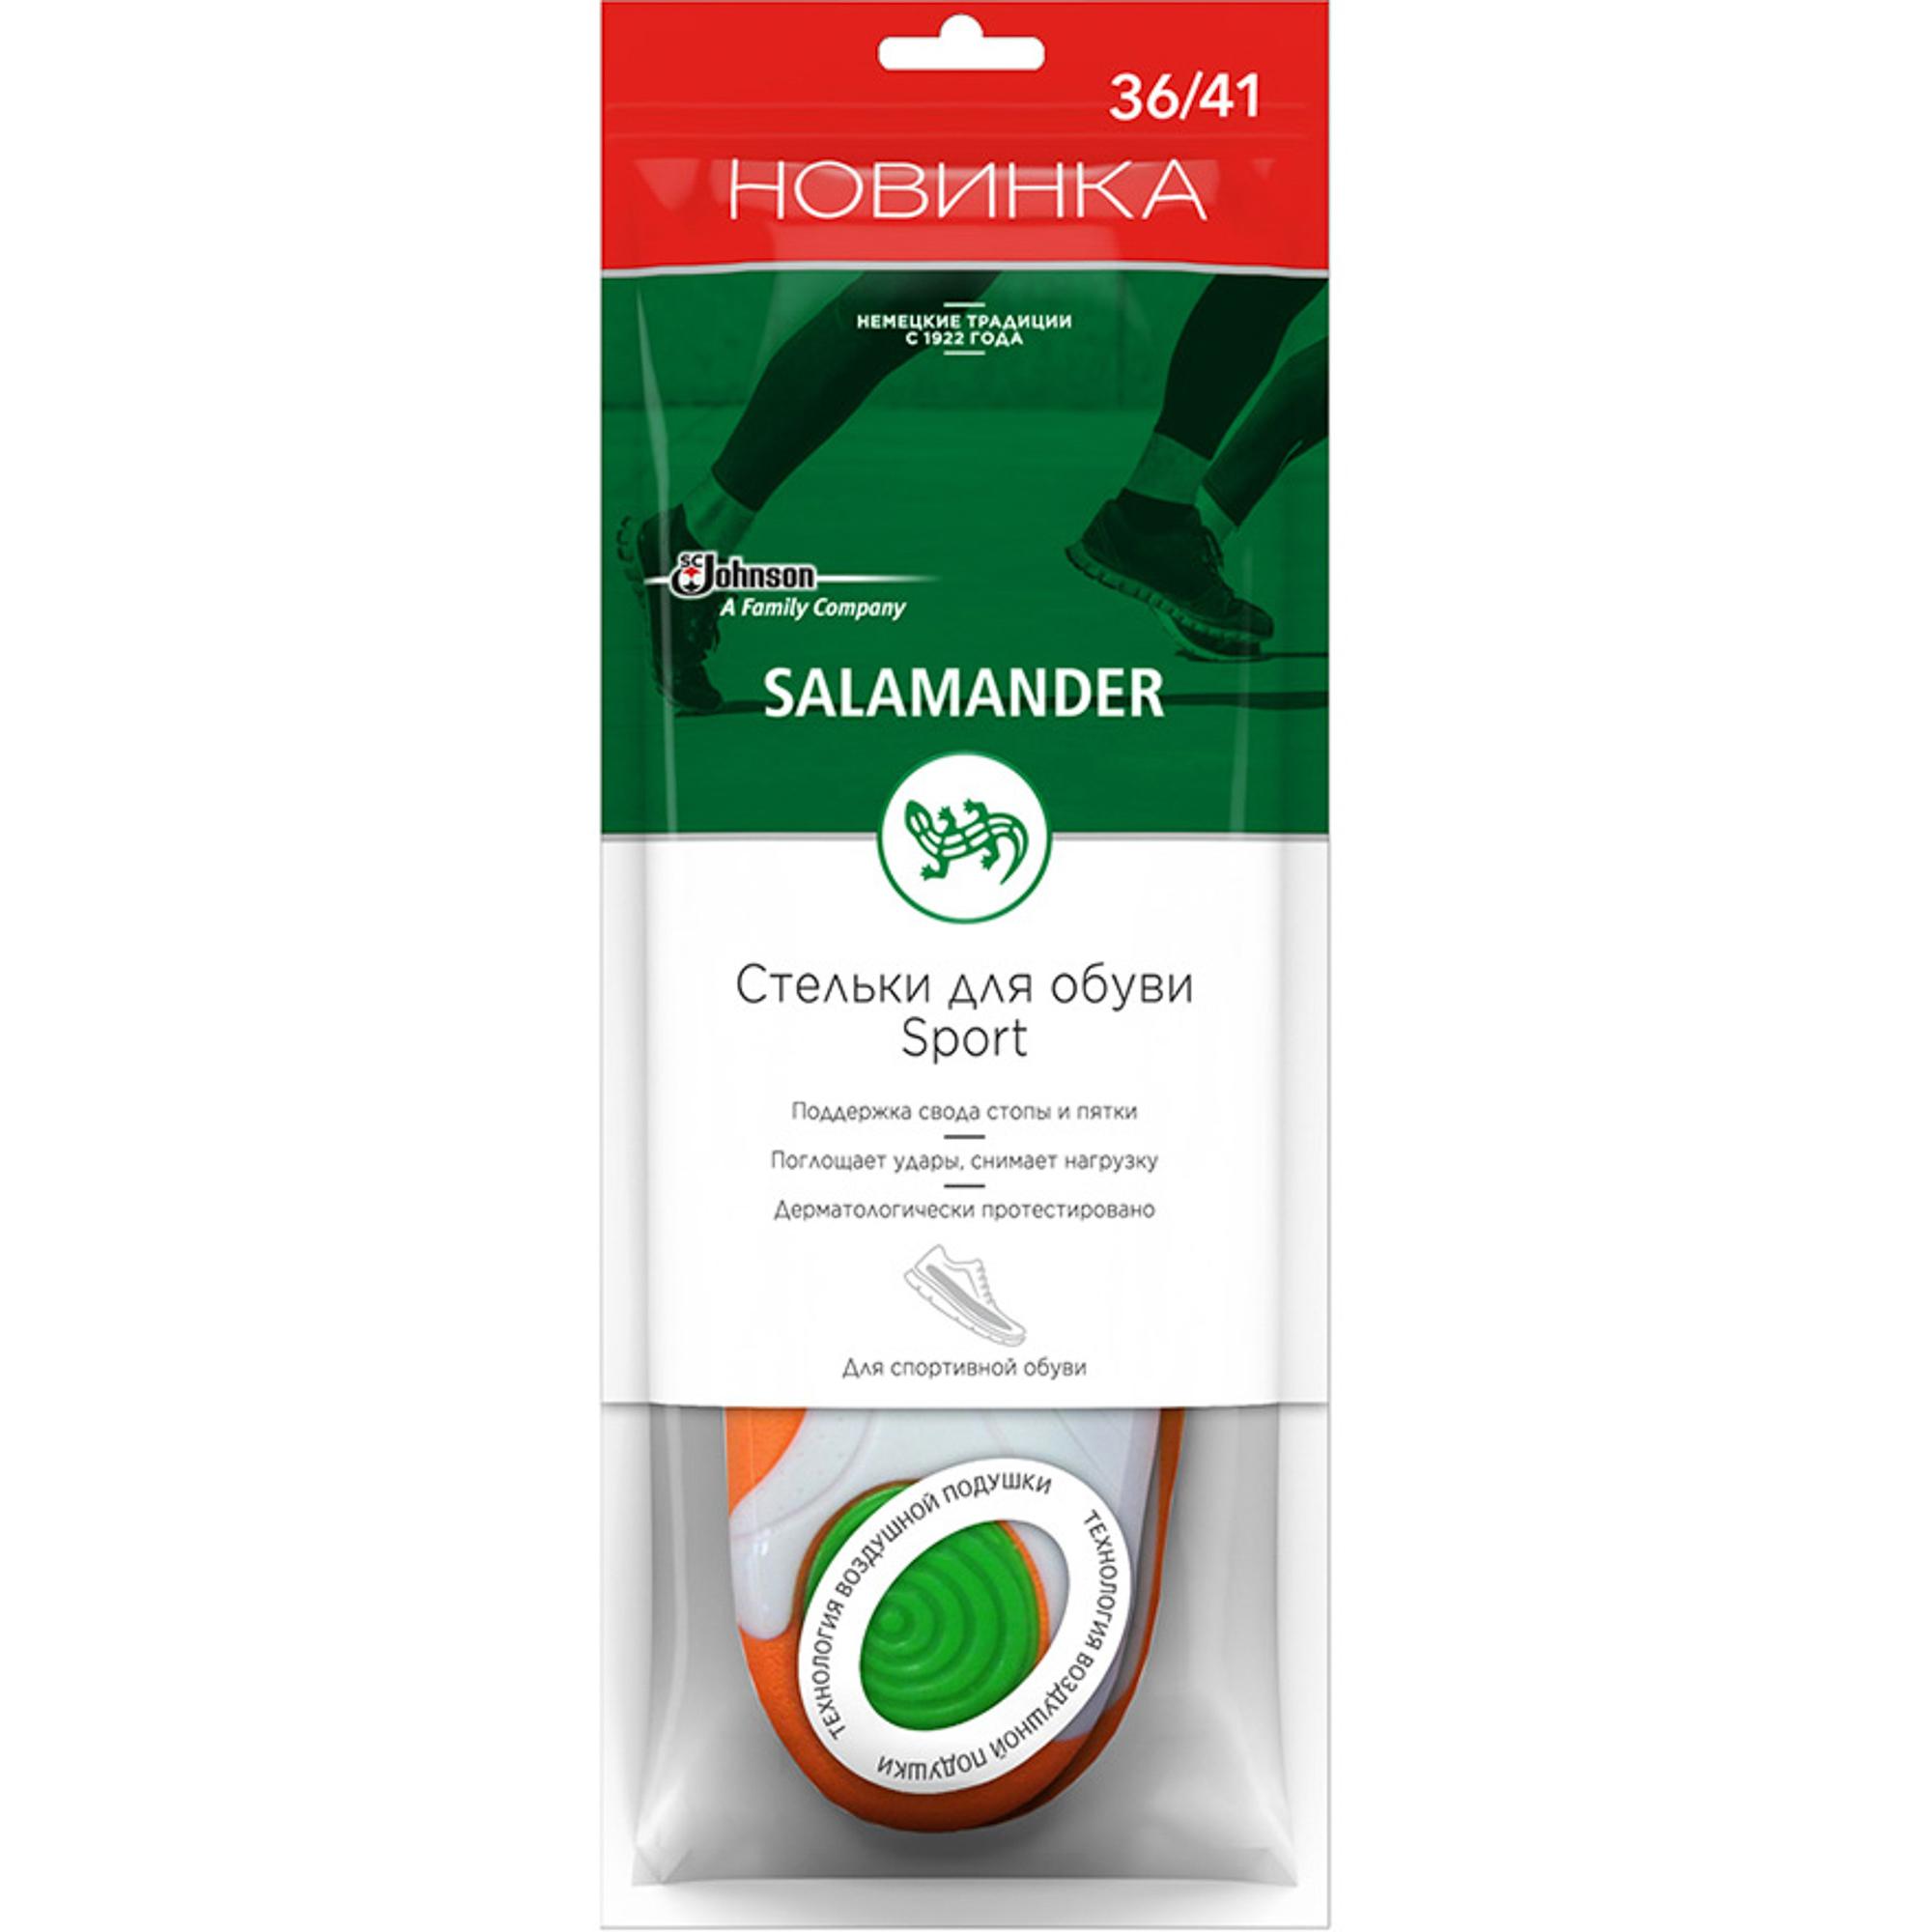 Стельки для обуви Salamander Sport размер 36-41.